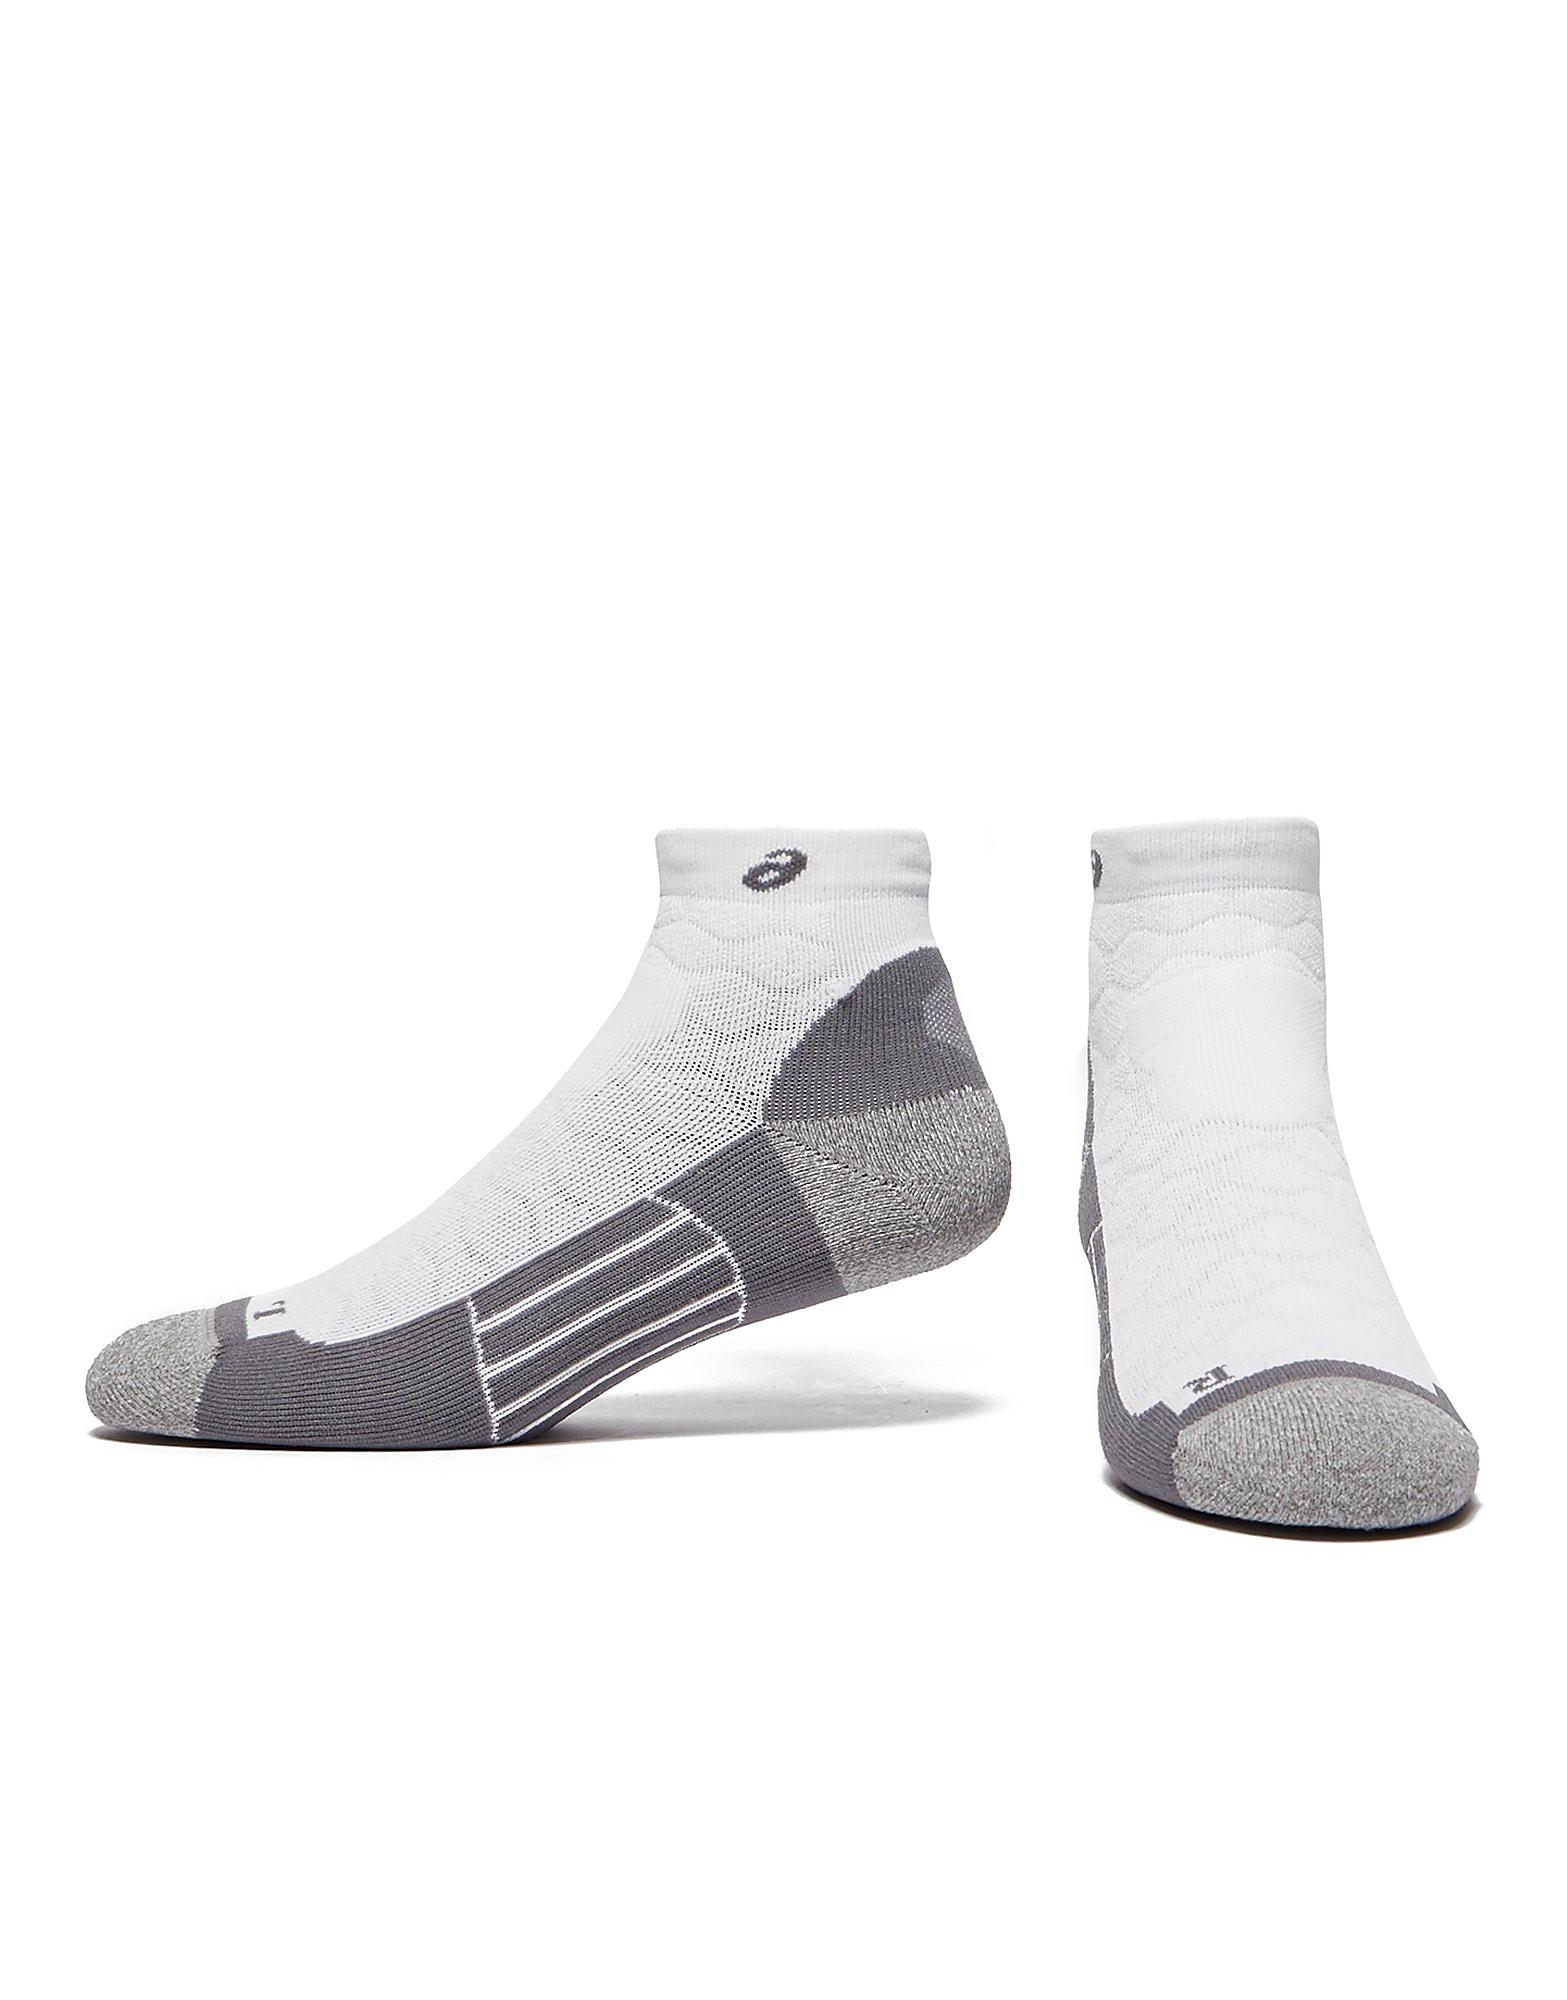 ASICS ROAD QUARTER Socks